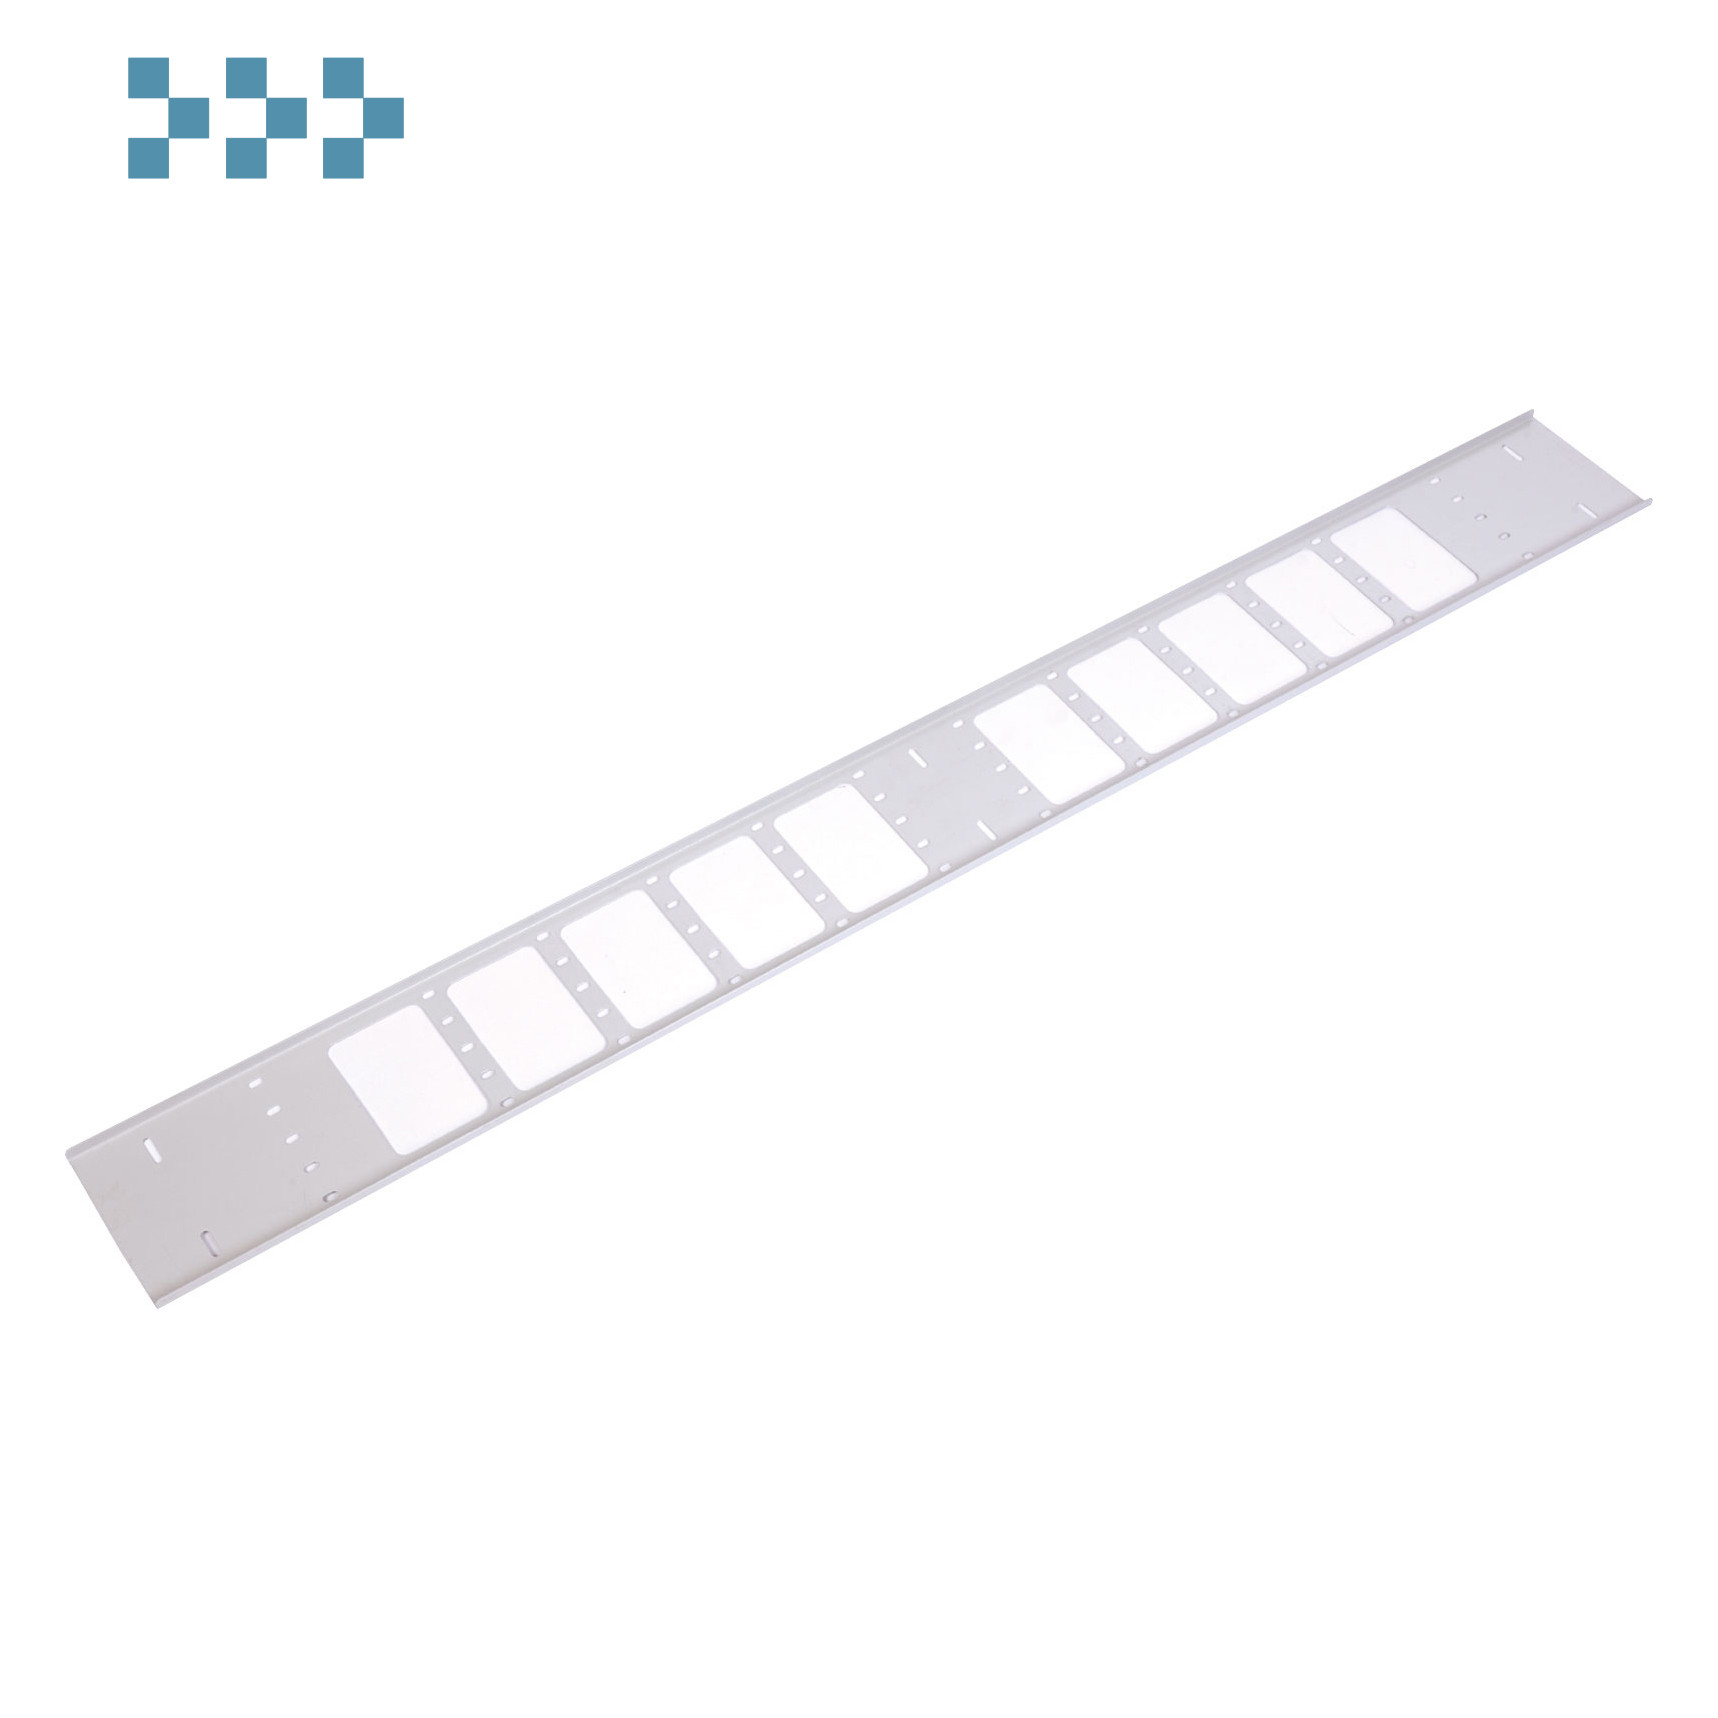 Органайзер кабельный ЦМО ВКО-М-33.150